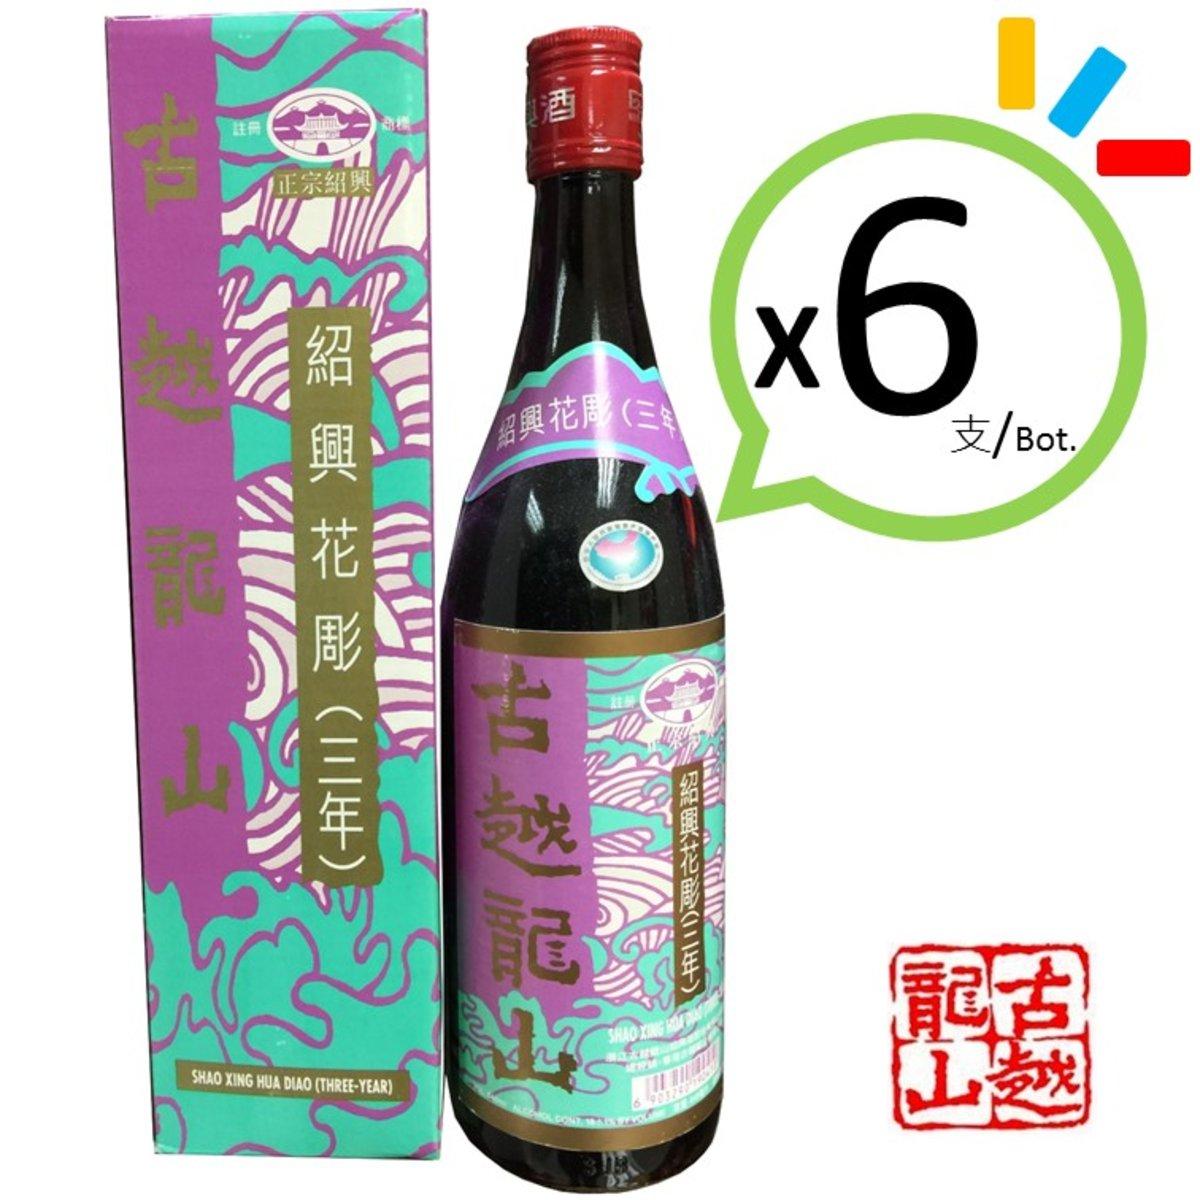 Chen Nian Shao Xing Hua Diao Wine 3 Years x6 Bottles